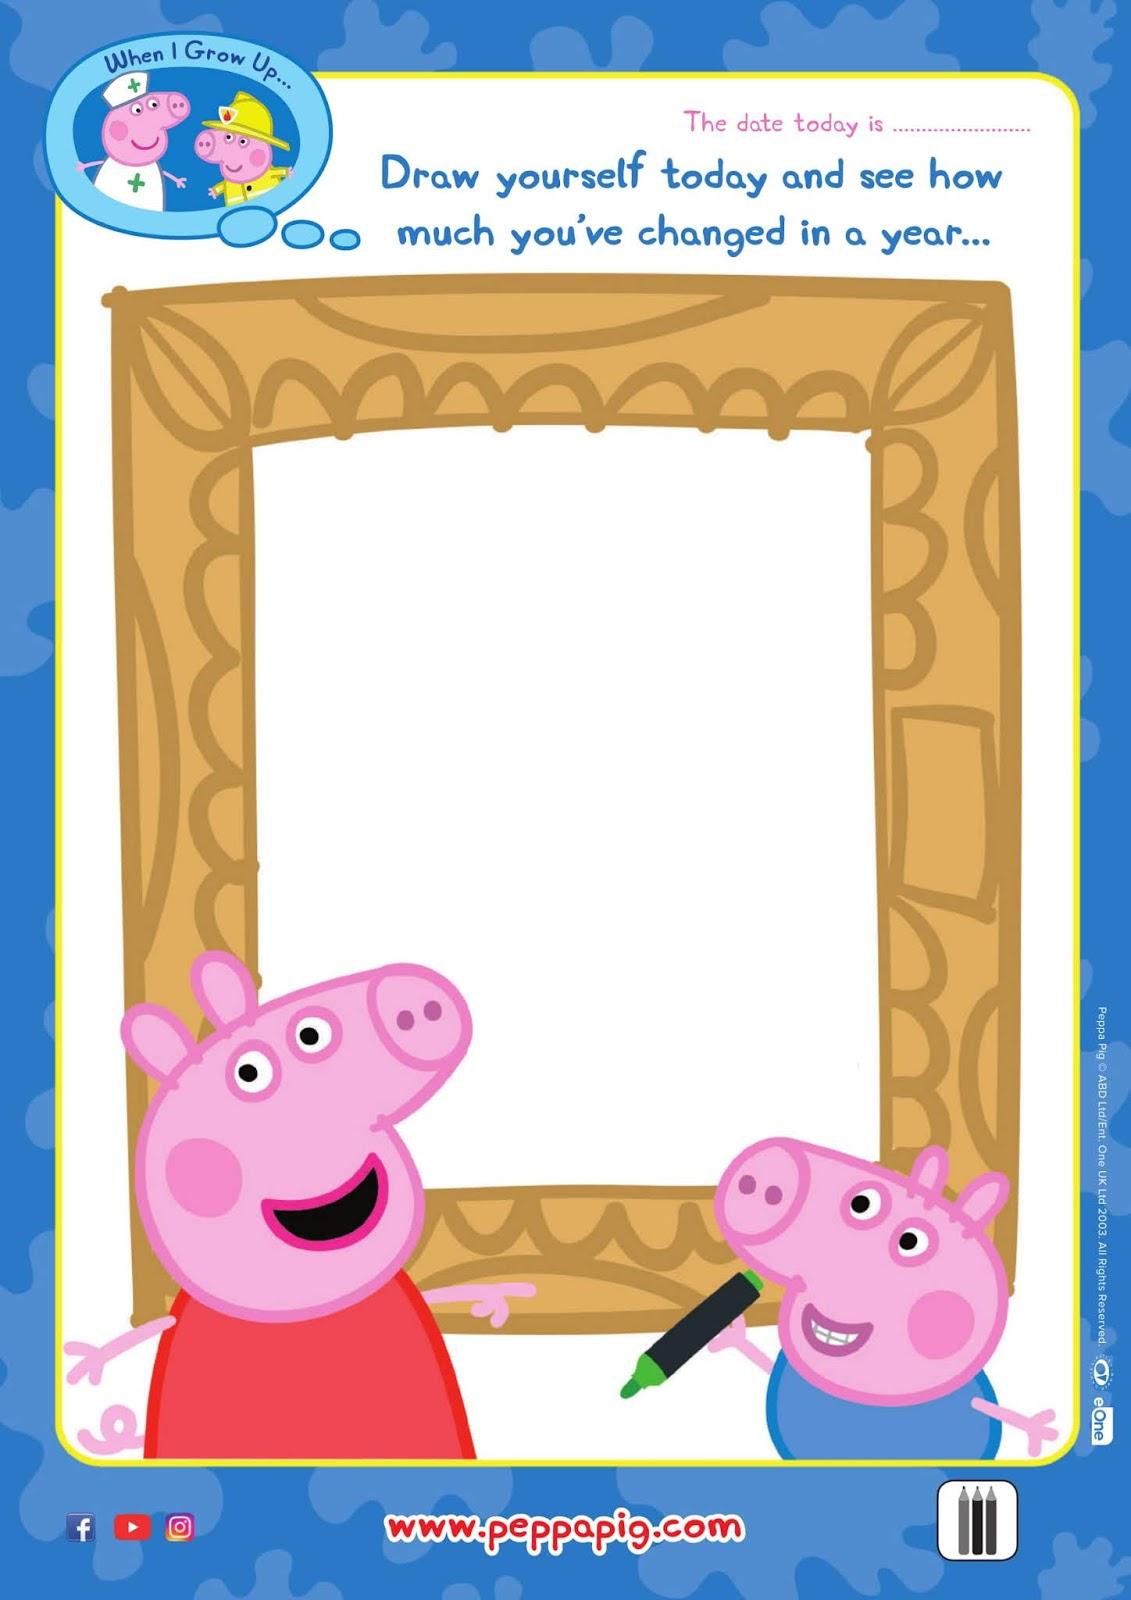 Peppa Pig Time Capsule